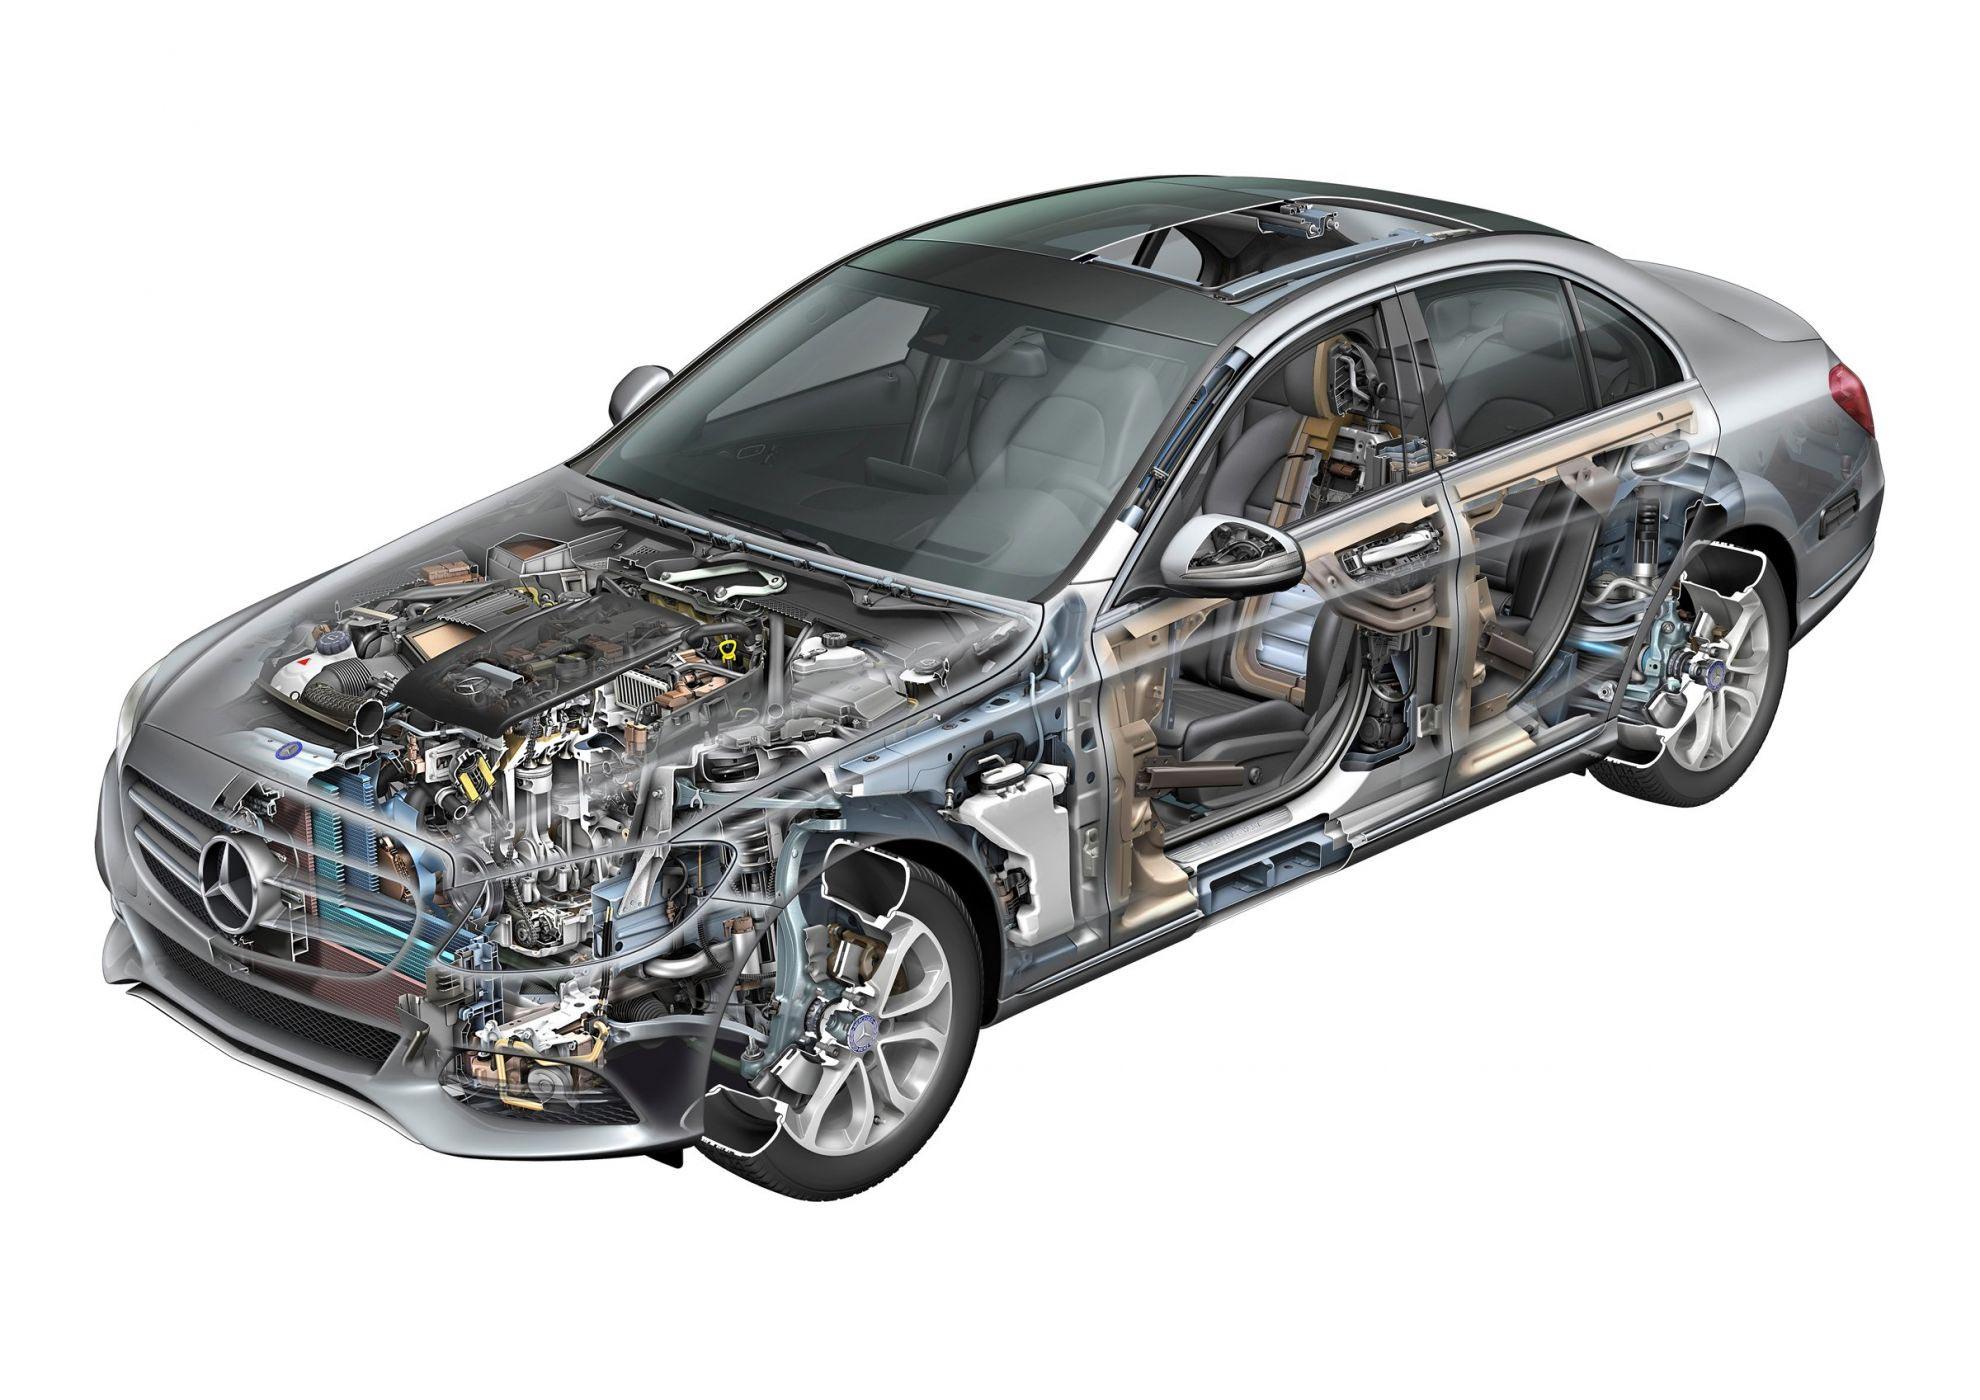 Mercedes-Benz S-Class cutaway